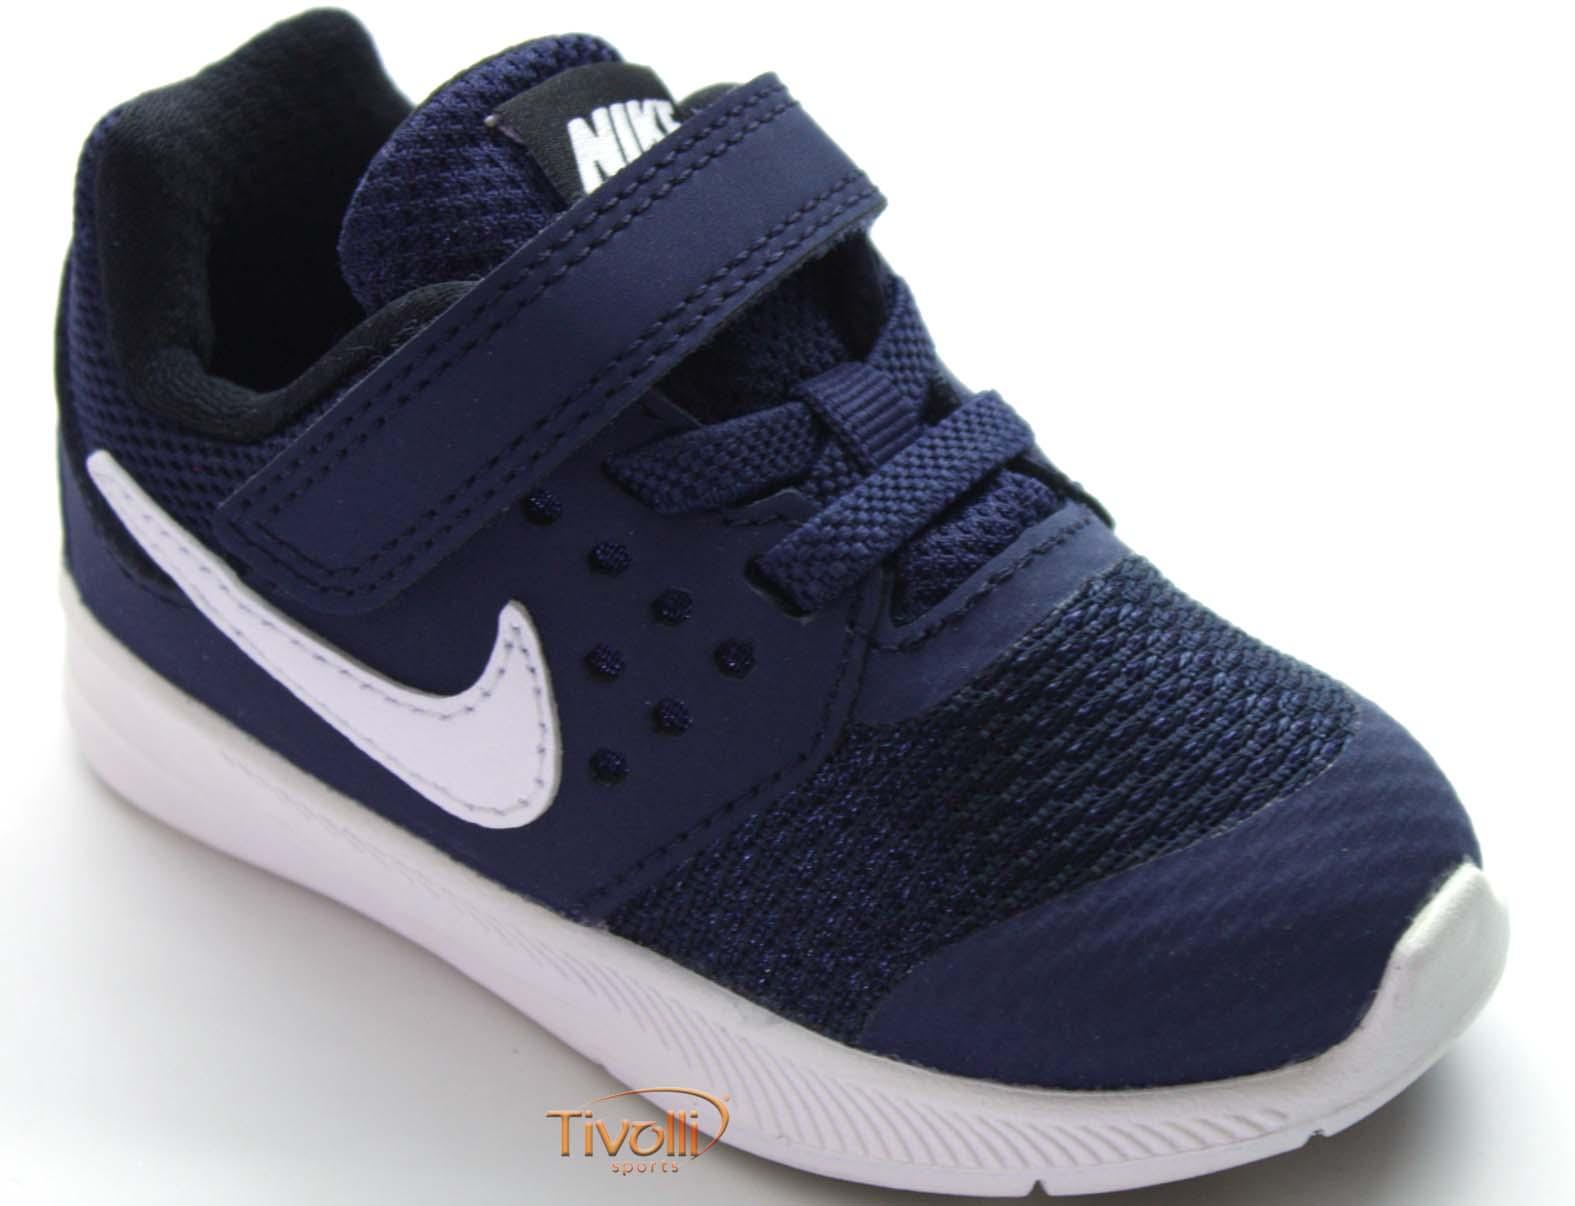 872c9c93f76 Tênis Nike Downshifter 7 (TDV) Infantil Azul marinho e branco- Tamanhos 18  ao 26